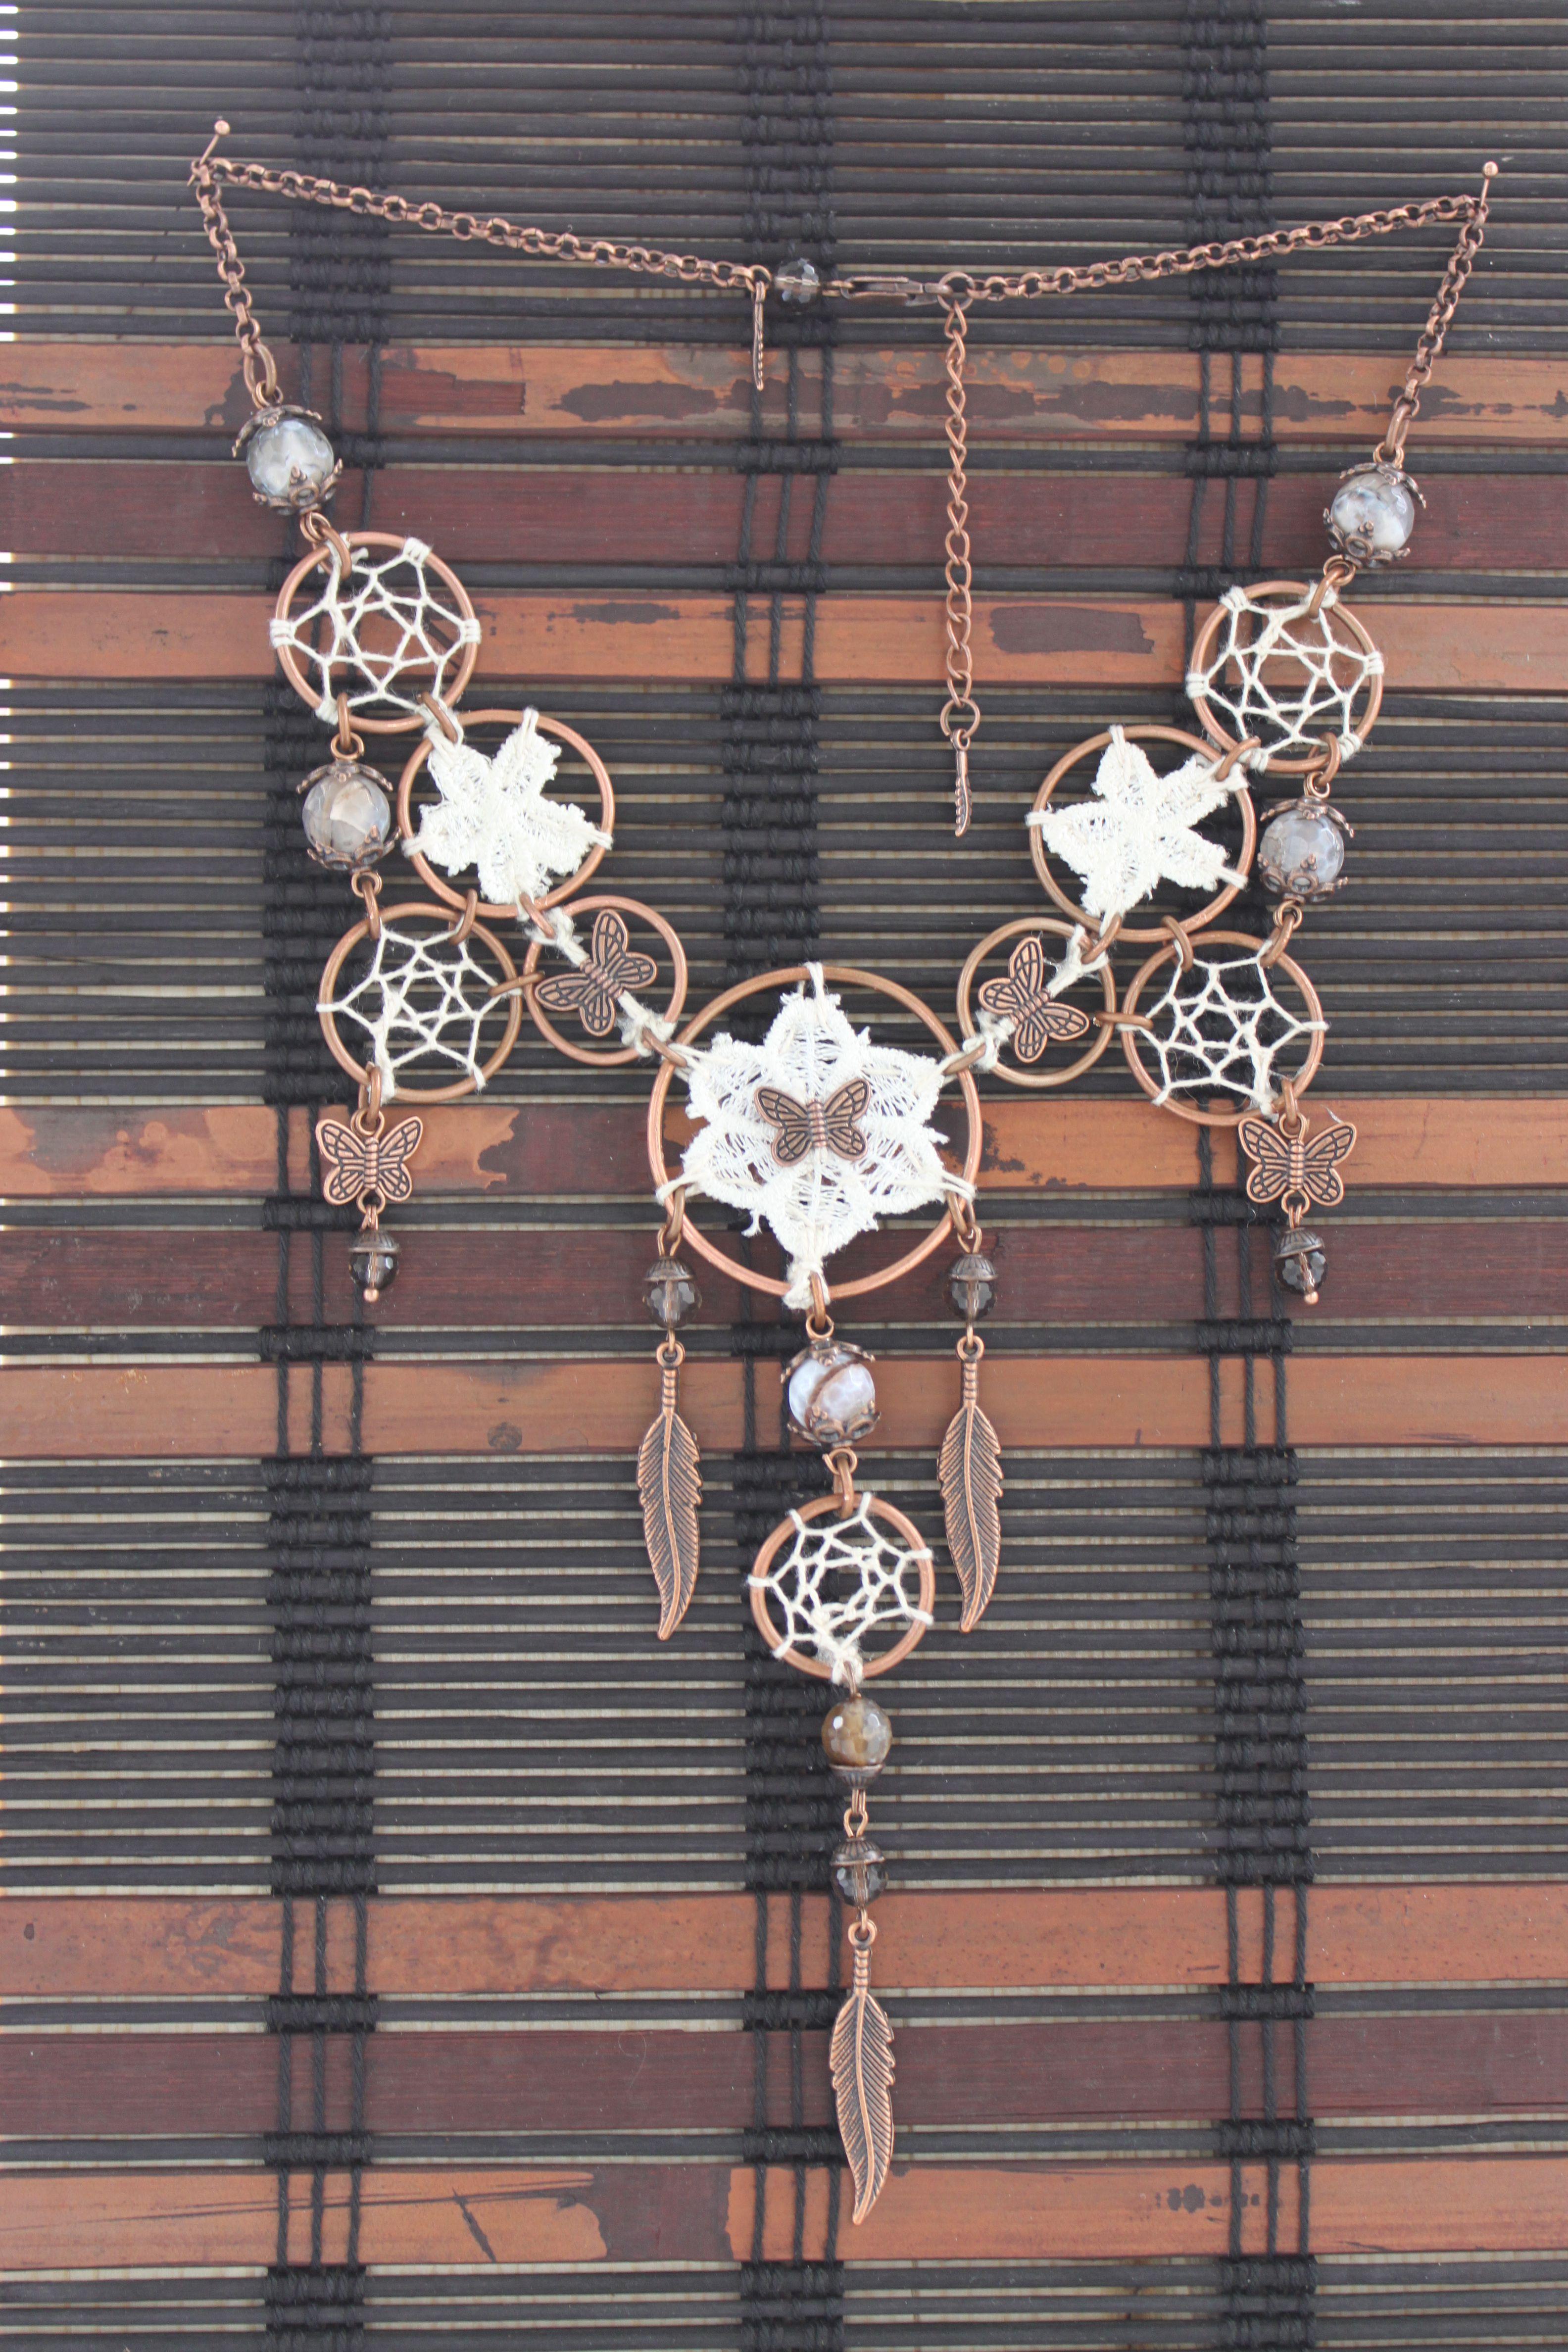 нежность медь красота handmade перья твойстиль кружево ловцы boho хлопок стиль украшение ручнаяработа бохо подарок